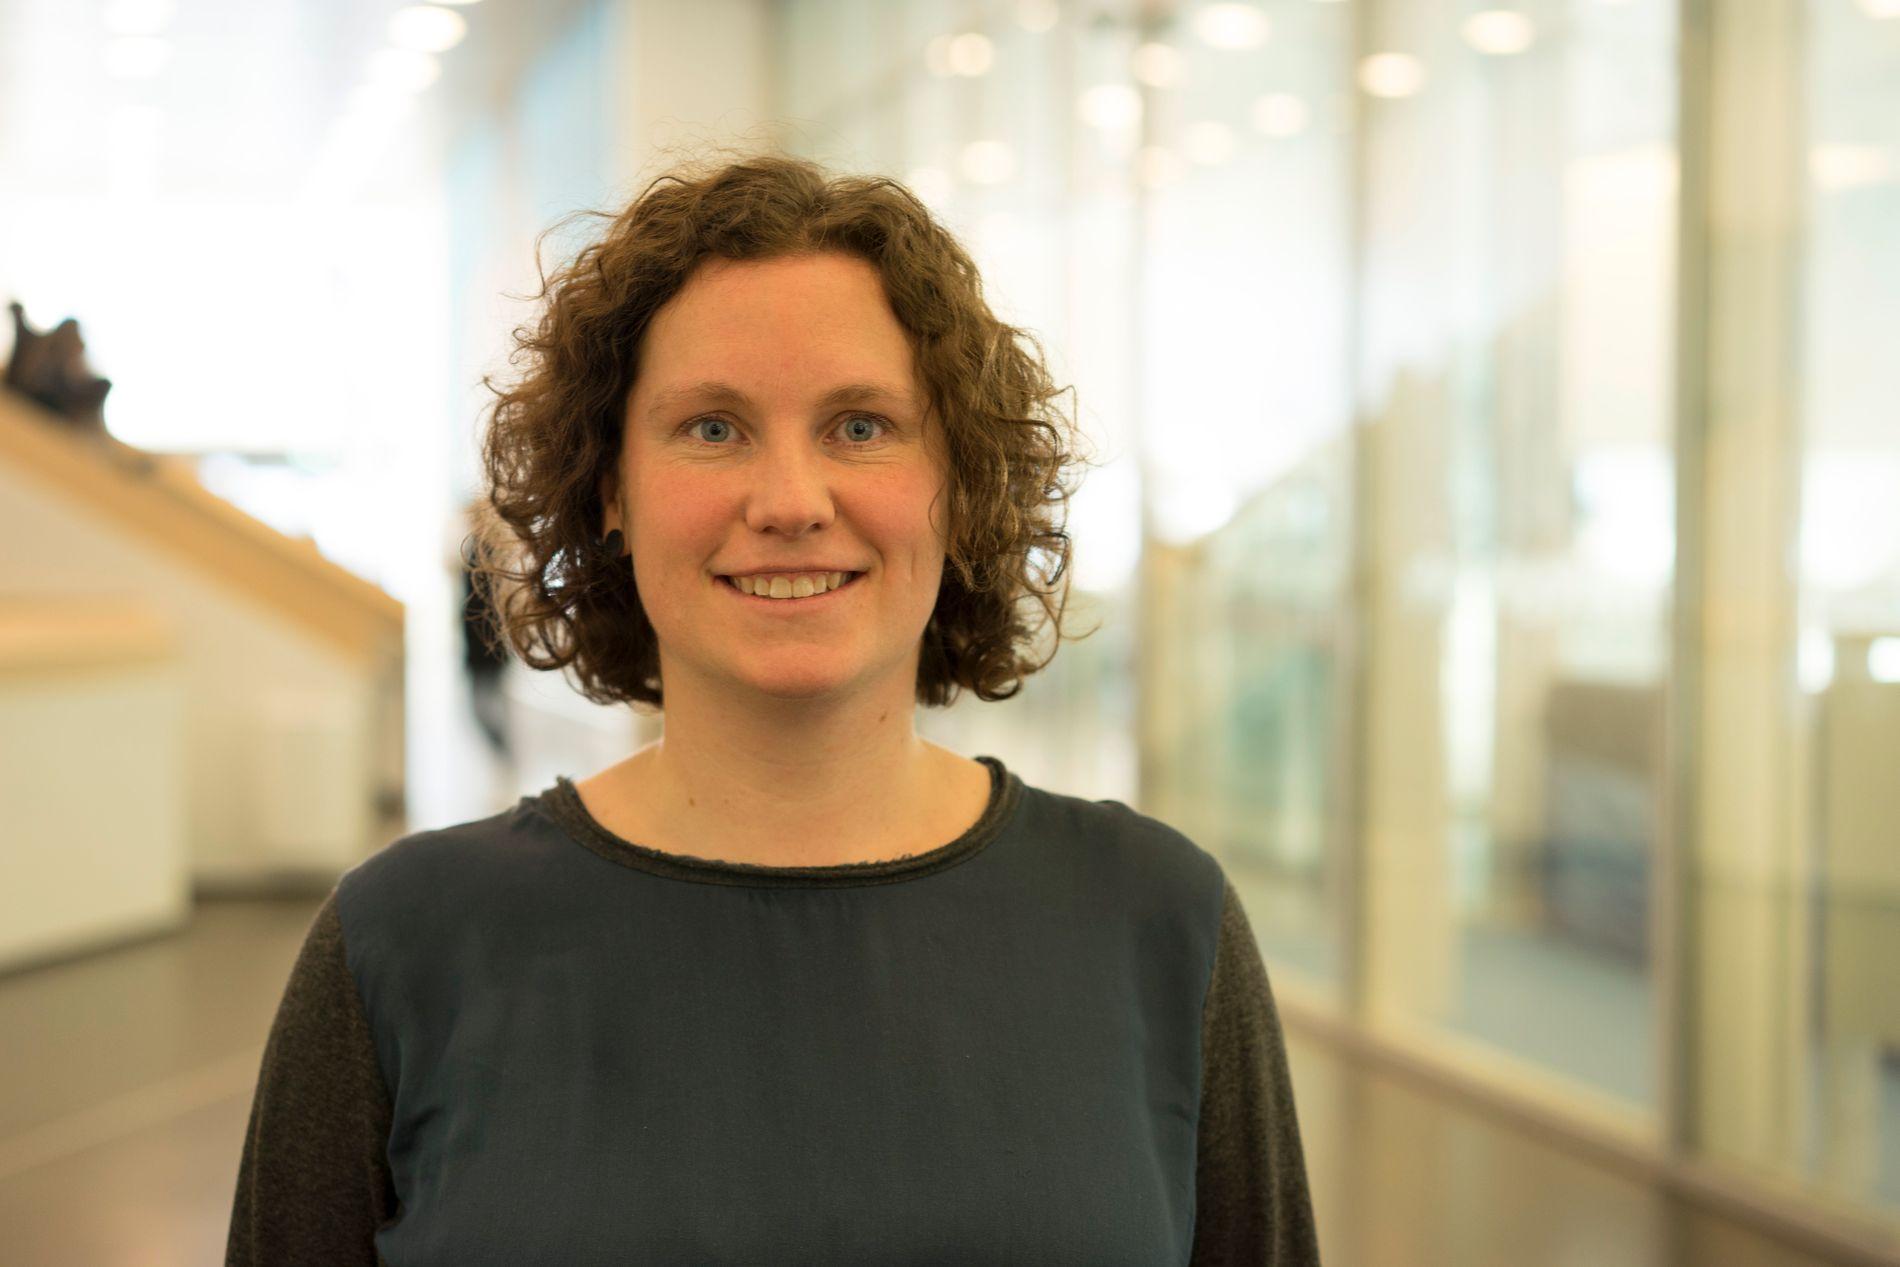 BLIR BEDRE: For veldig mange som tidligere er blitt utsatt for mobbing, blir det bedre å komme til en ny skole, skriver mobbeombud i Hordaland, Mari-Kristine Morberg.